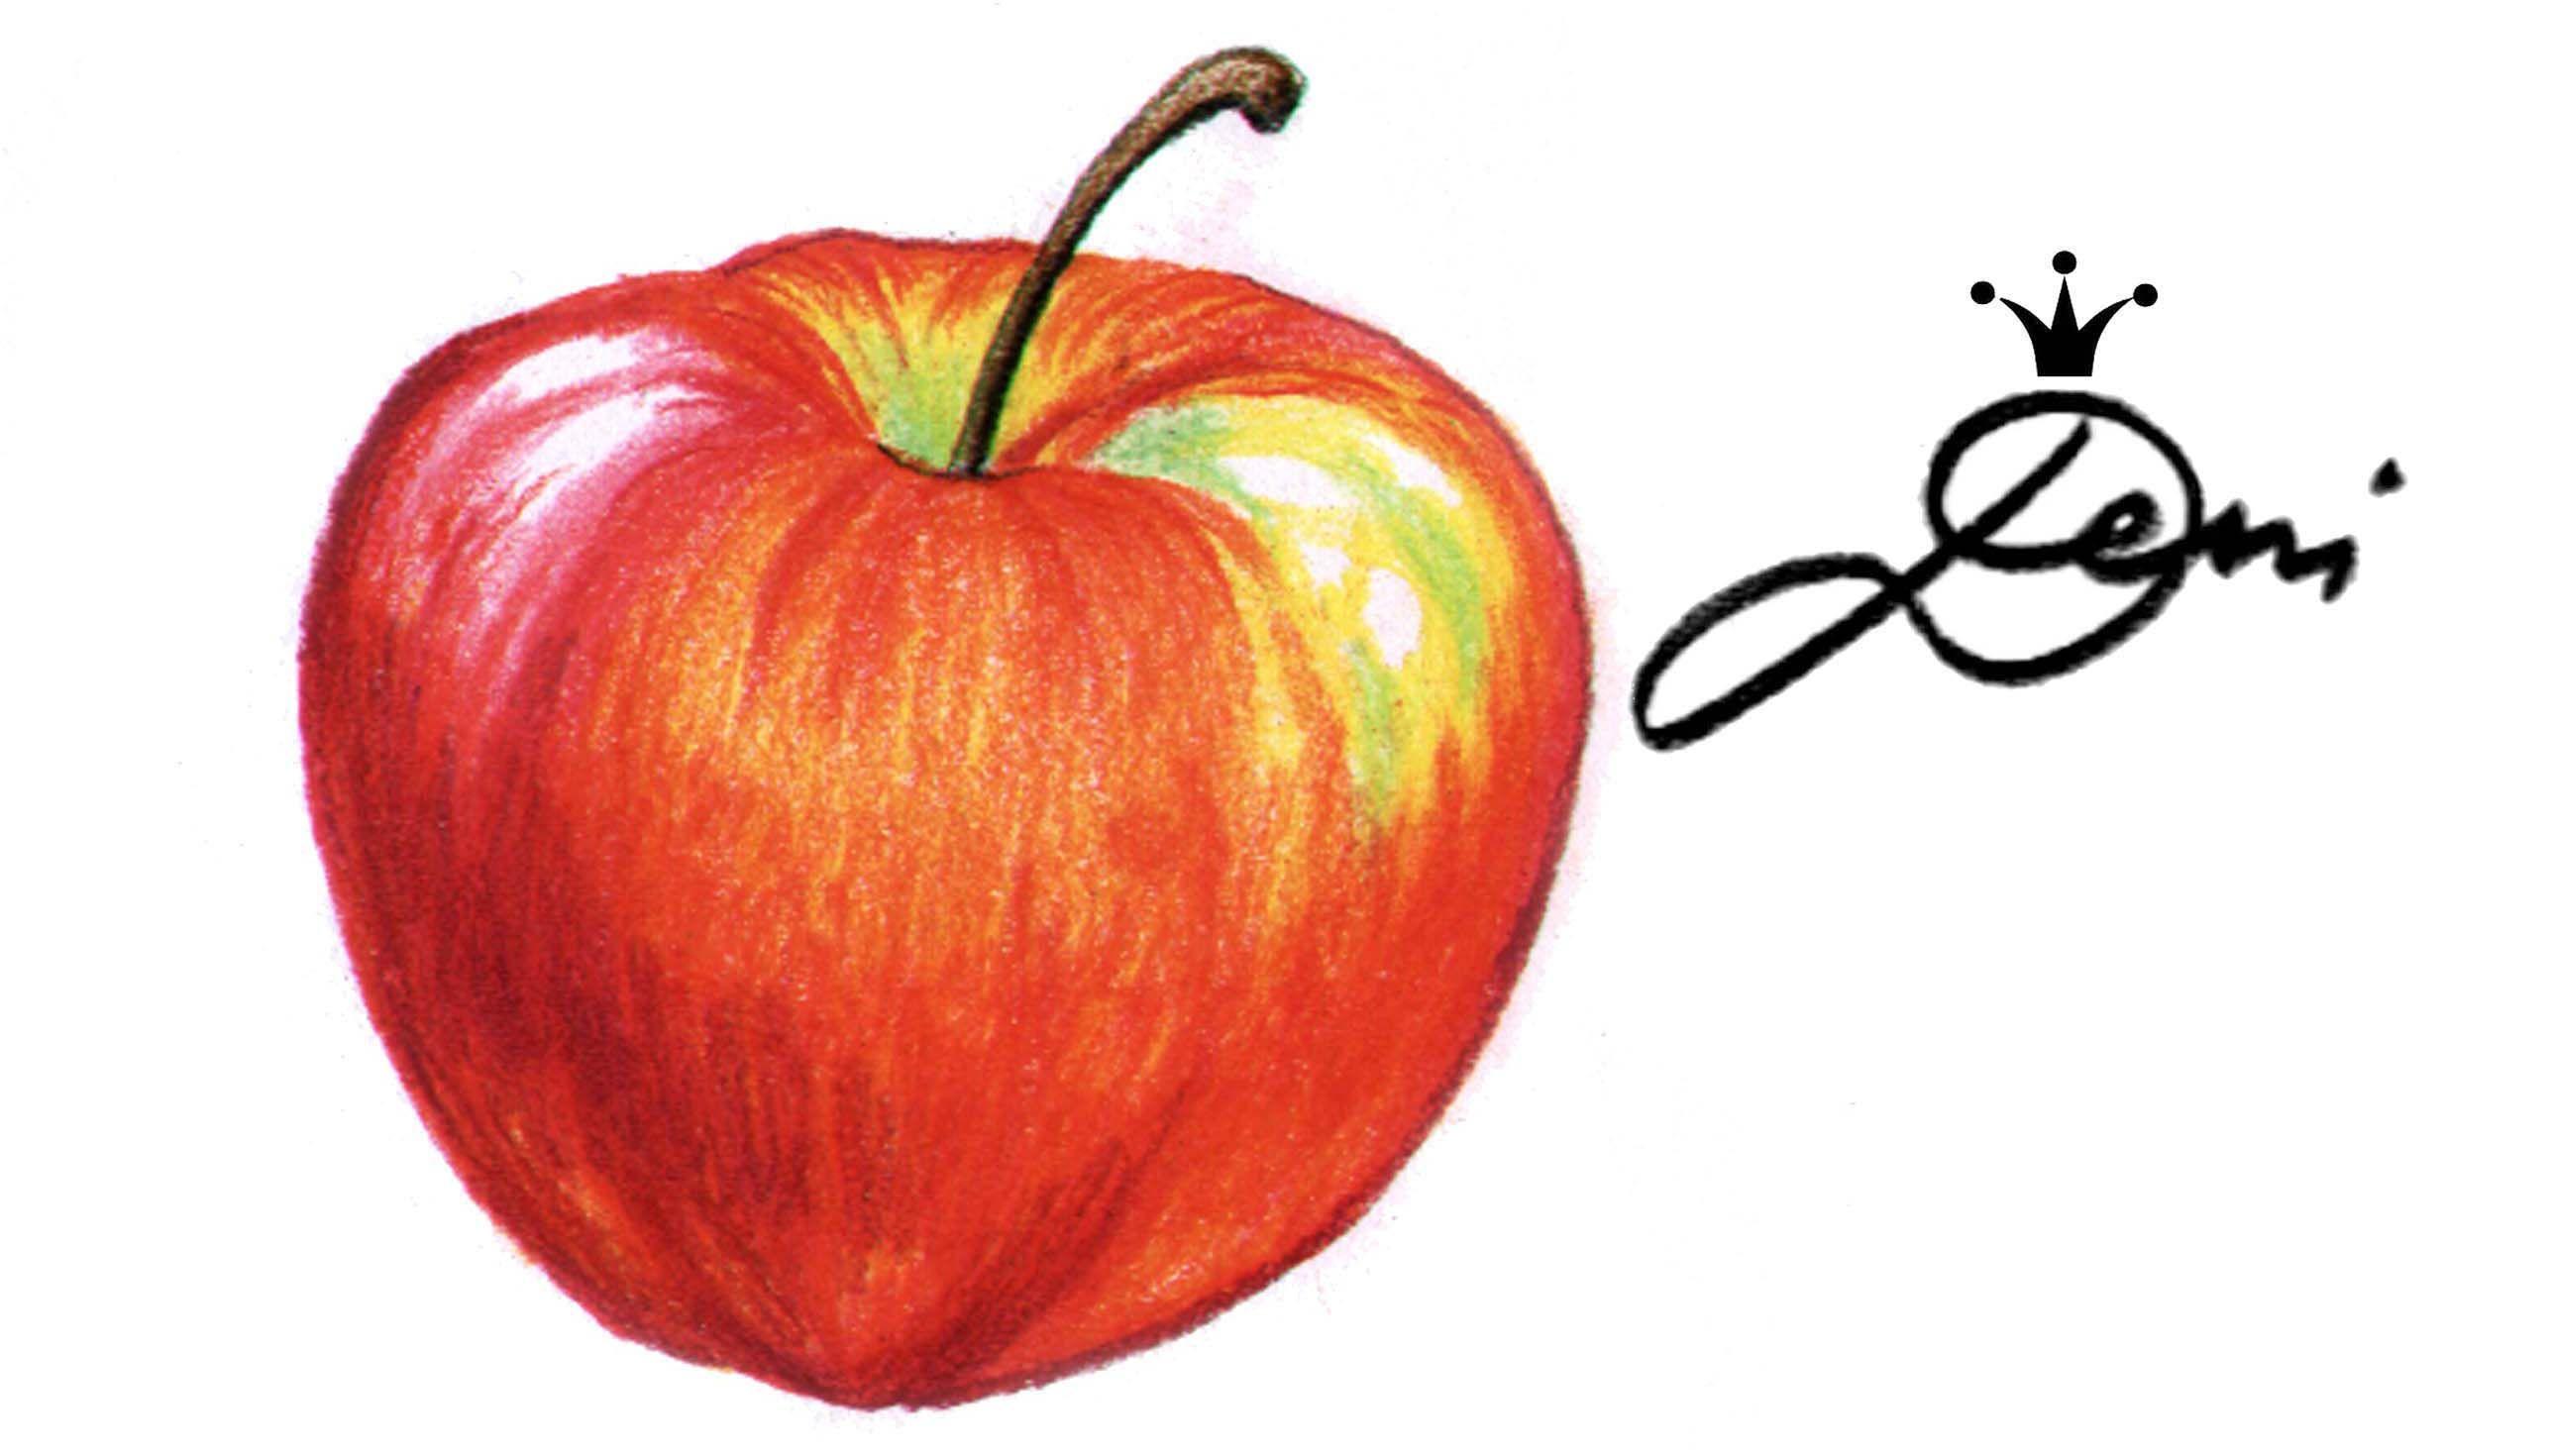 Ich Habe Diesen Apfel Fur Meinen Youtube Channel Deni Zeichnet